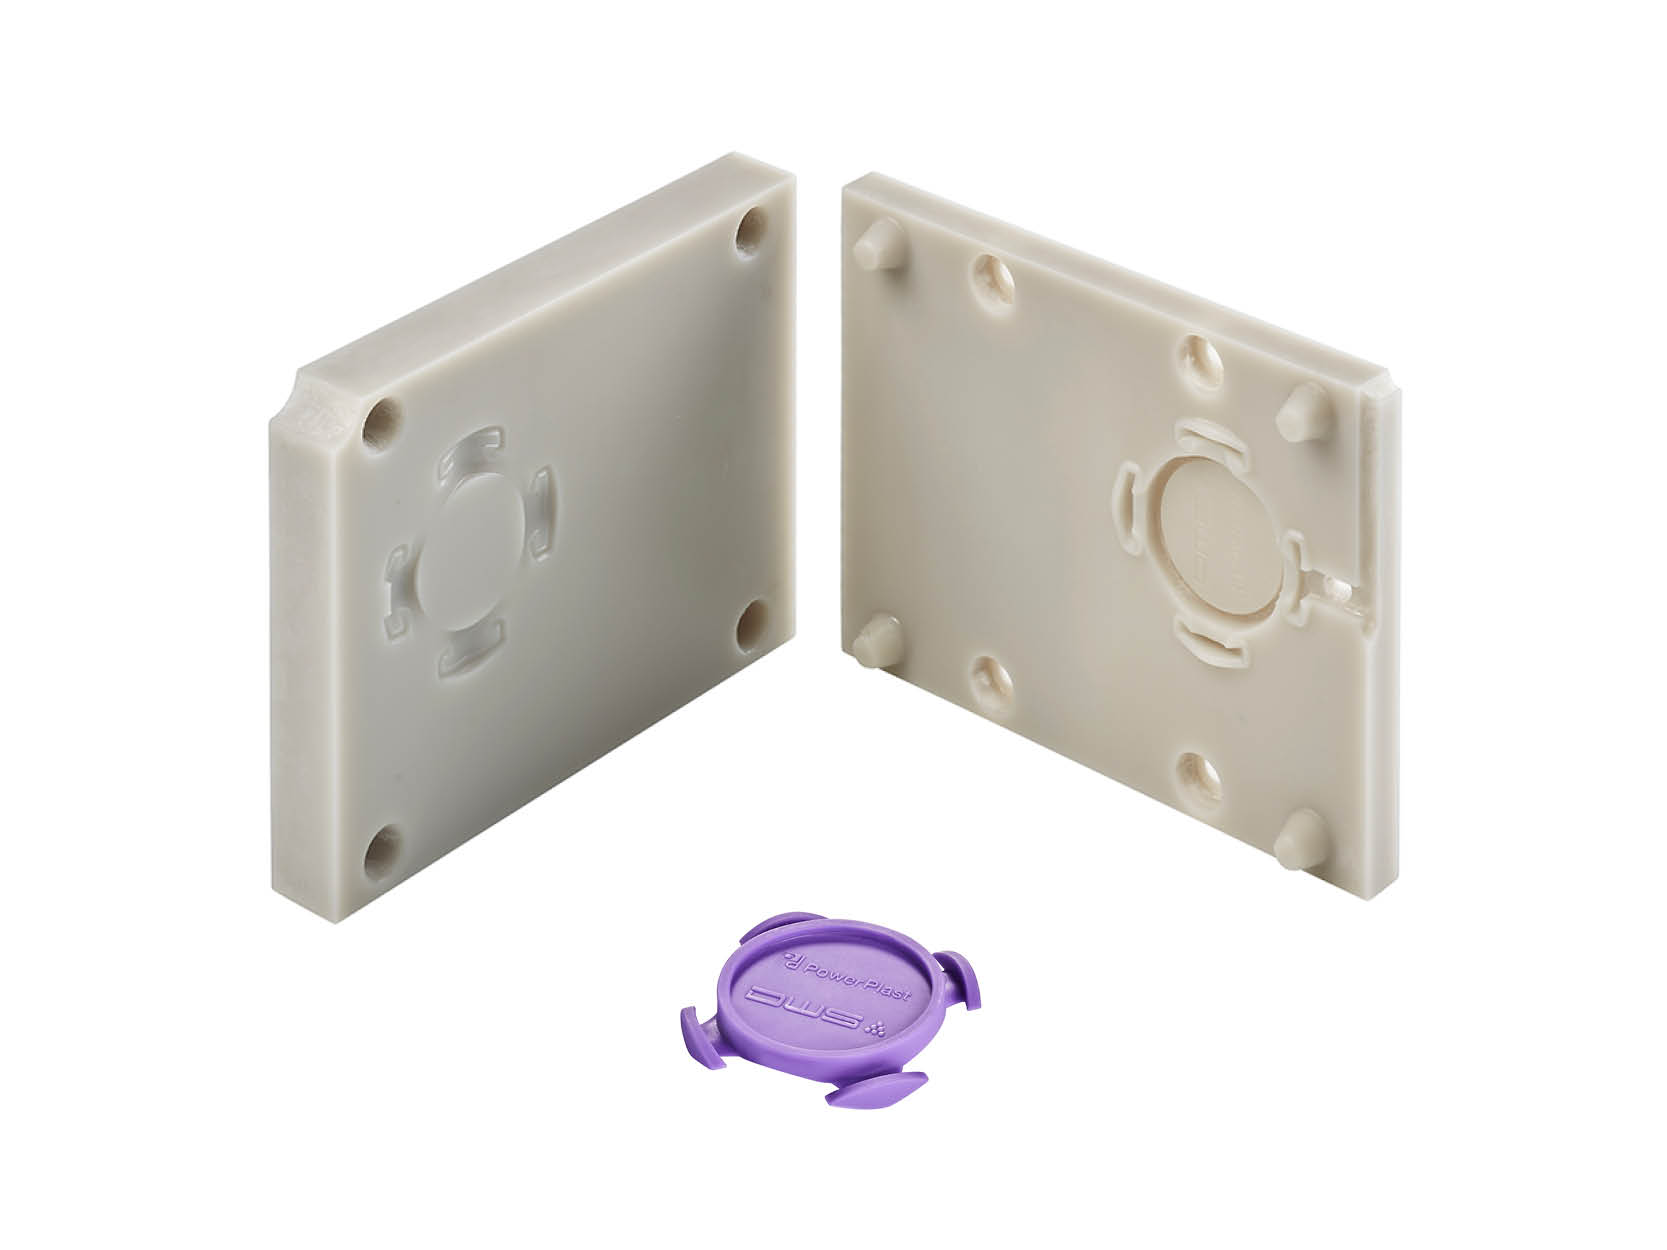 stampaggio plastico stampa 3d iniezione therma dm 500